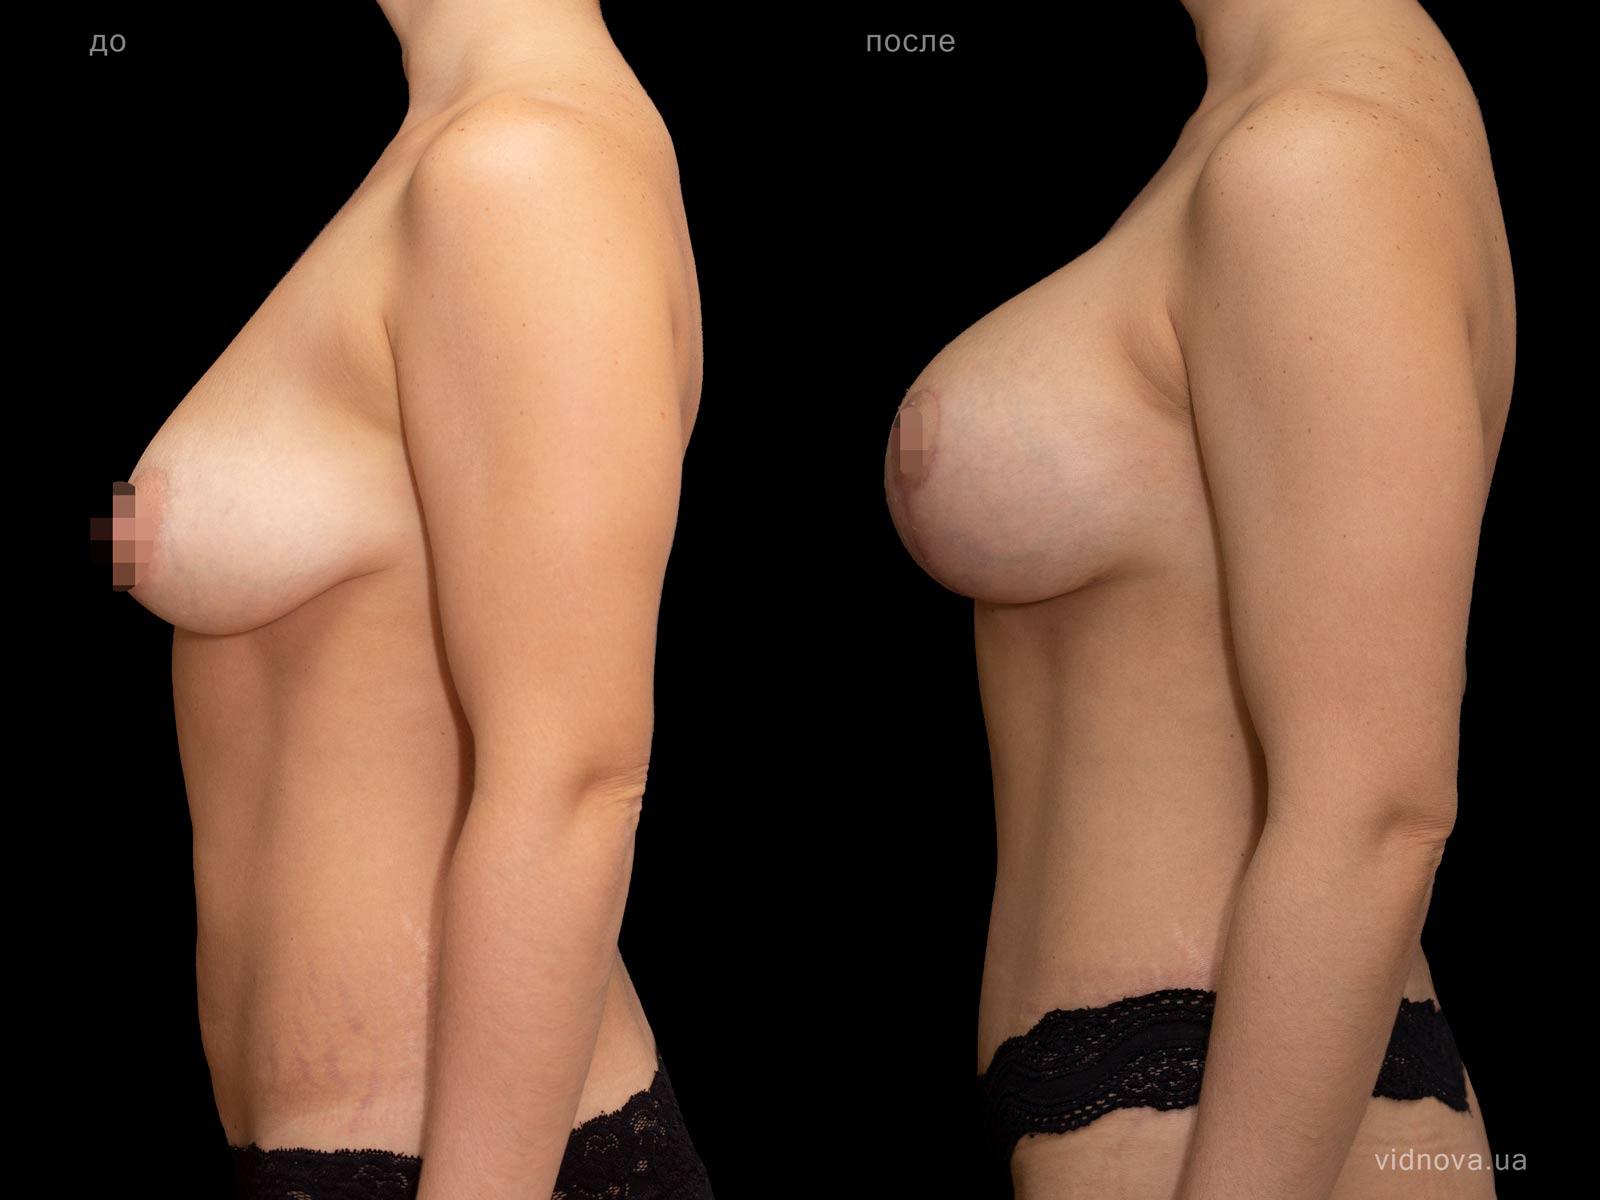 Пластика груди: результаты до и после - Пример №88-3 - Светлана Работенко